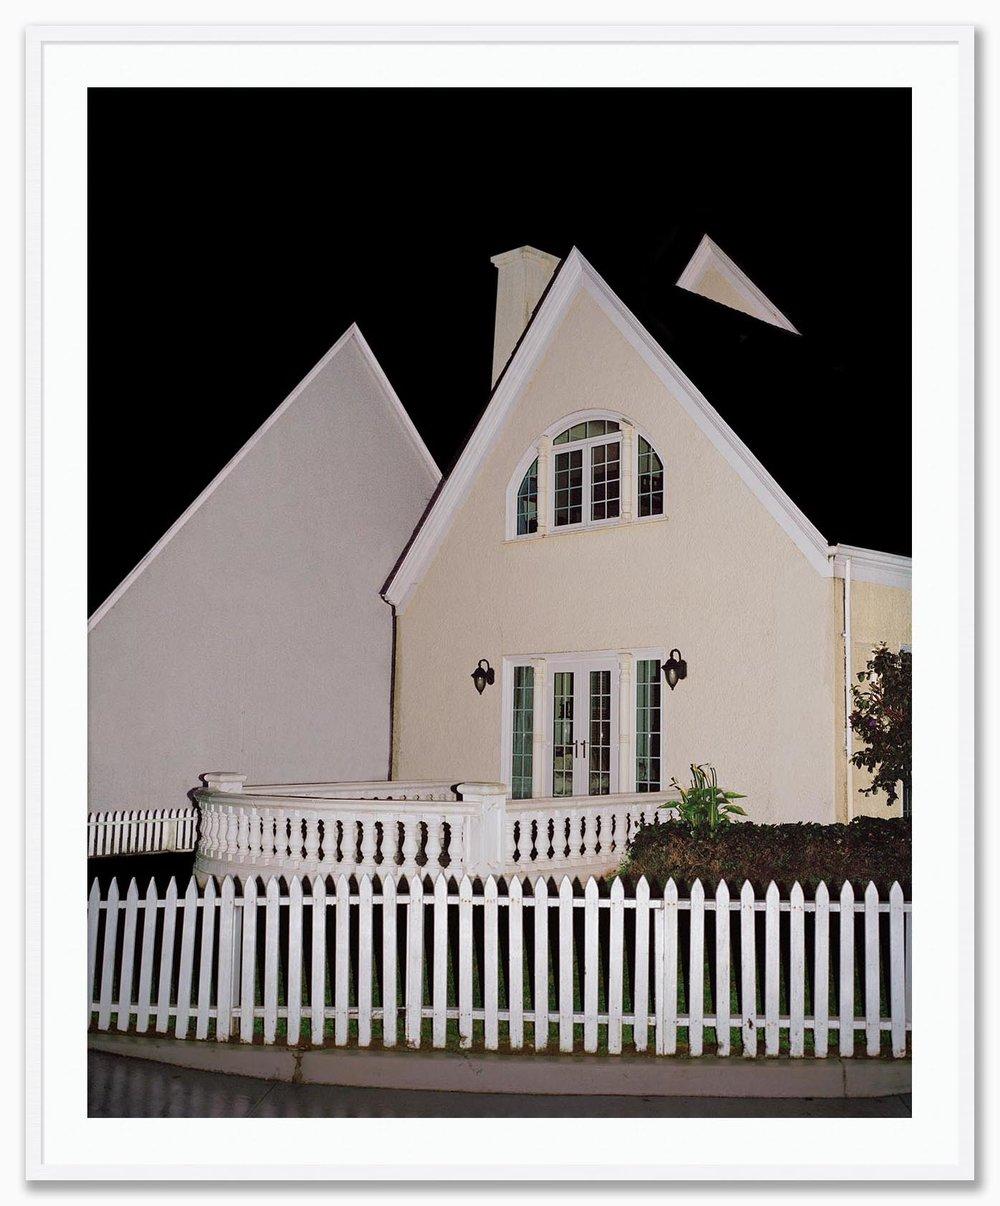 twohouses_Mat_White.jpg